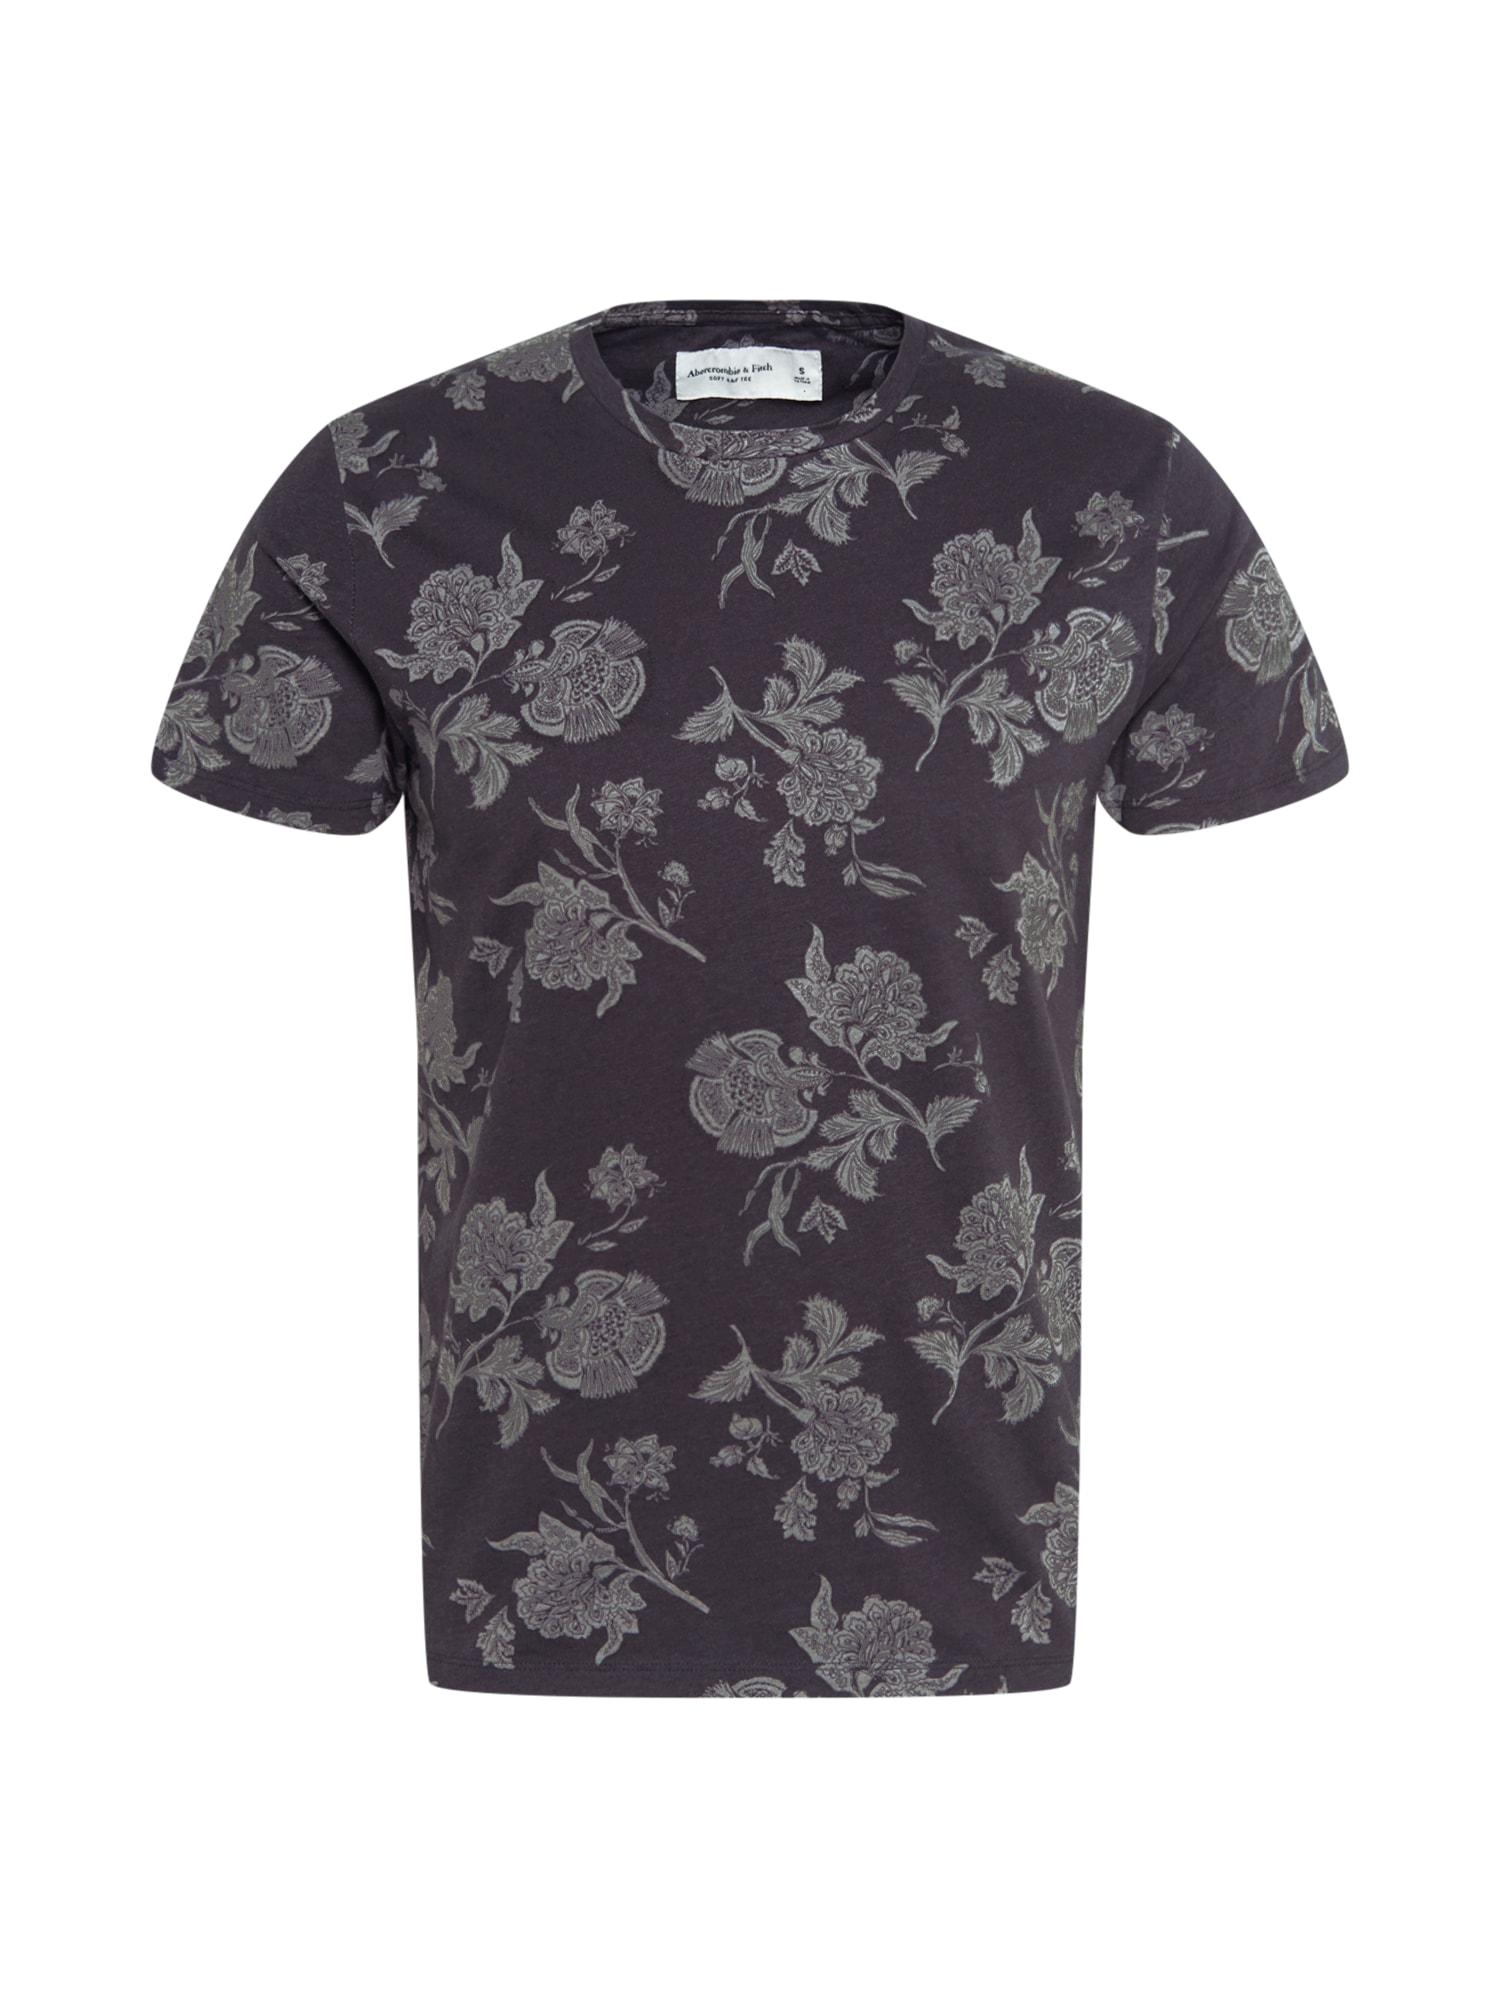 Abercrombie & Fitch Marškinėliai juoda / tamsiai pilka